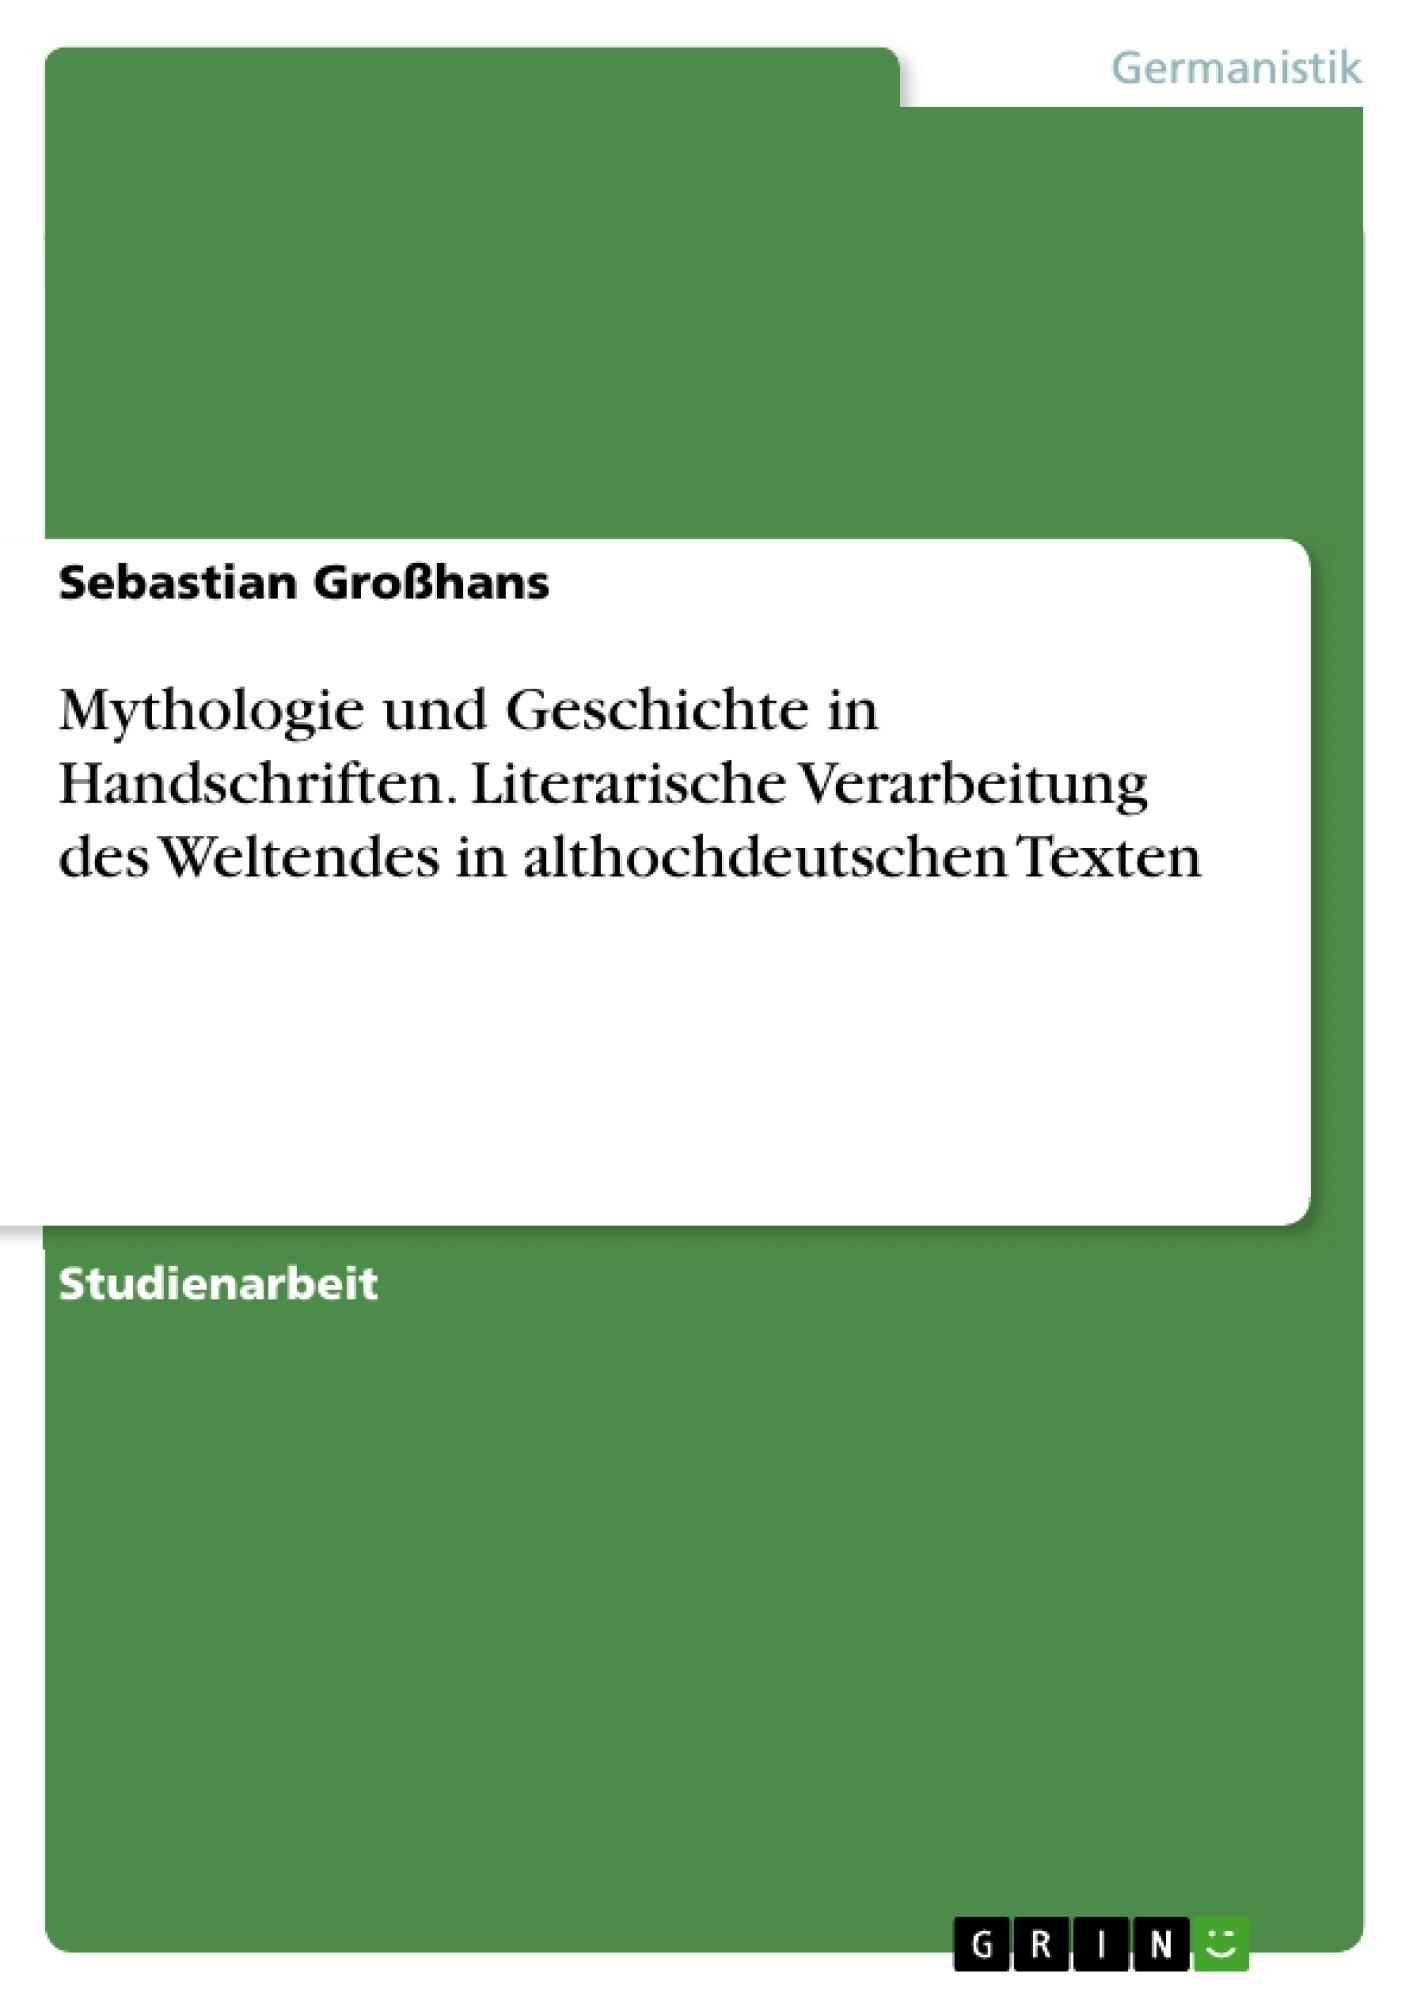 Titel: Mythologie und Geschichte in Handschriften. Literarische Verarbeitung des Weltendes in althochdeutschen Texten